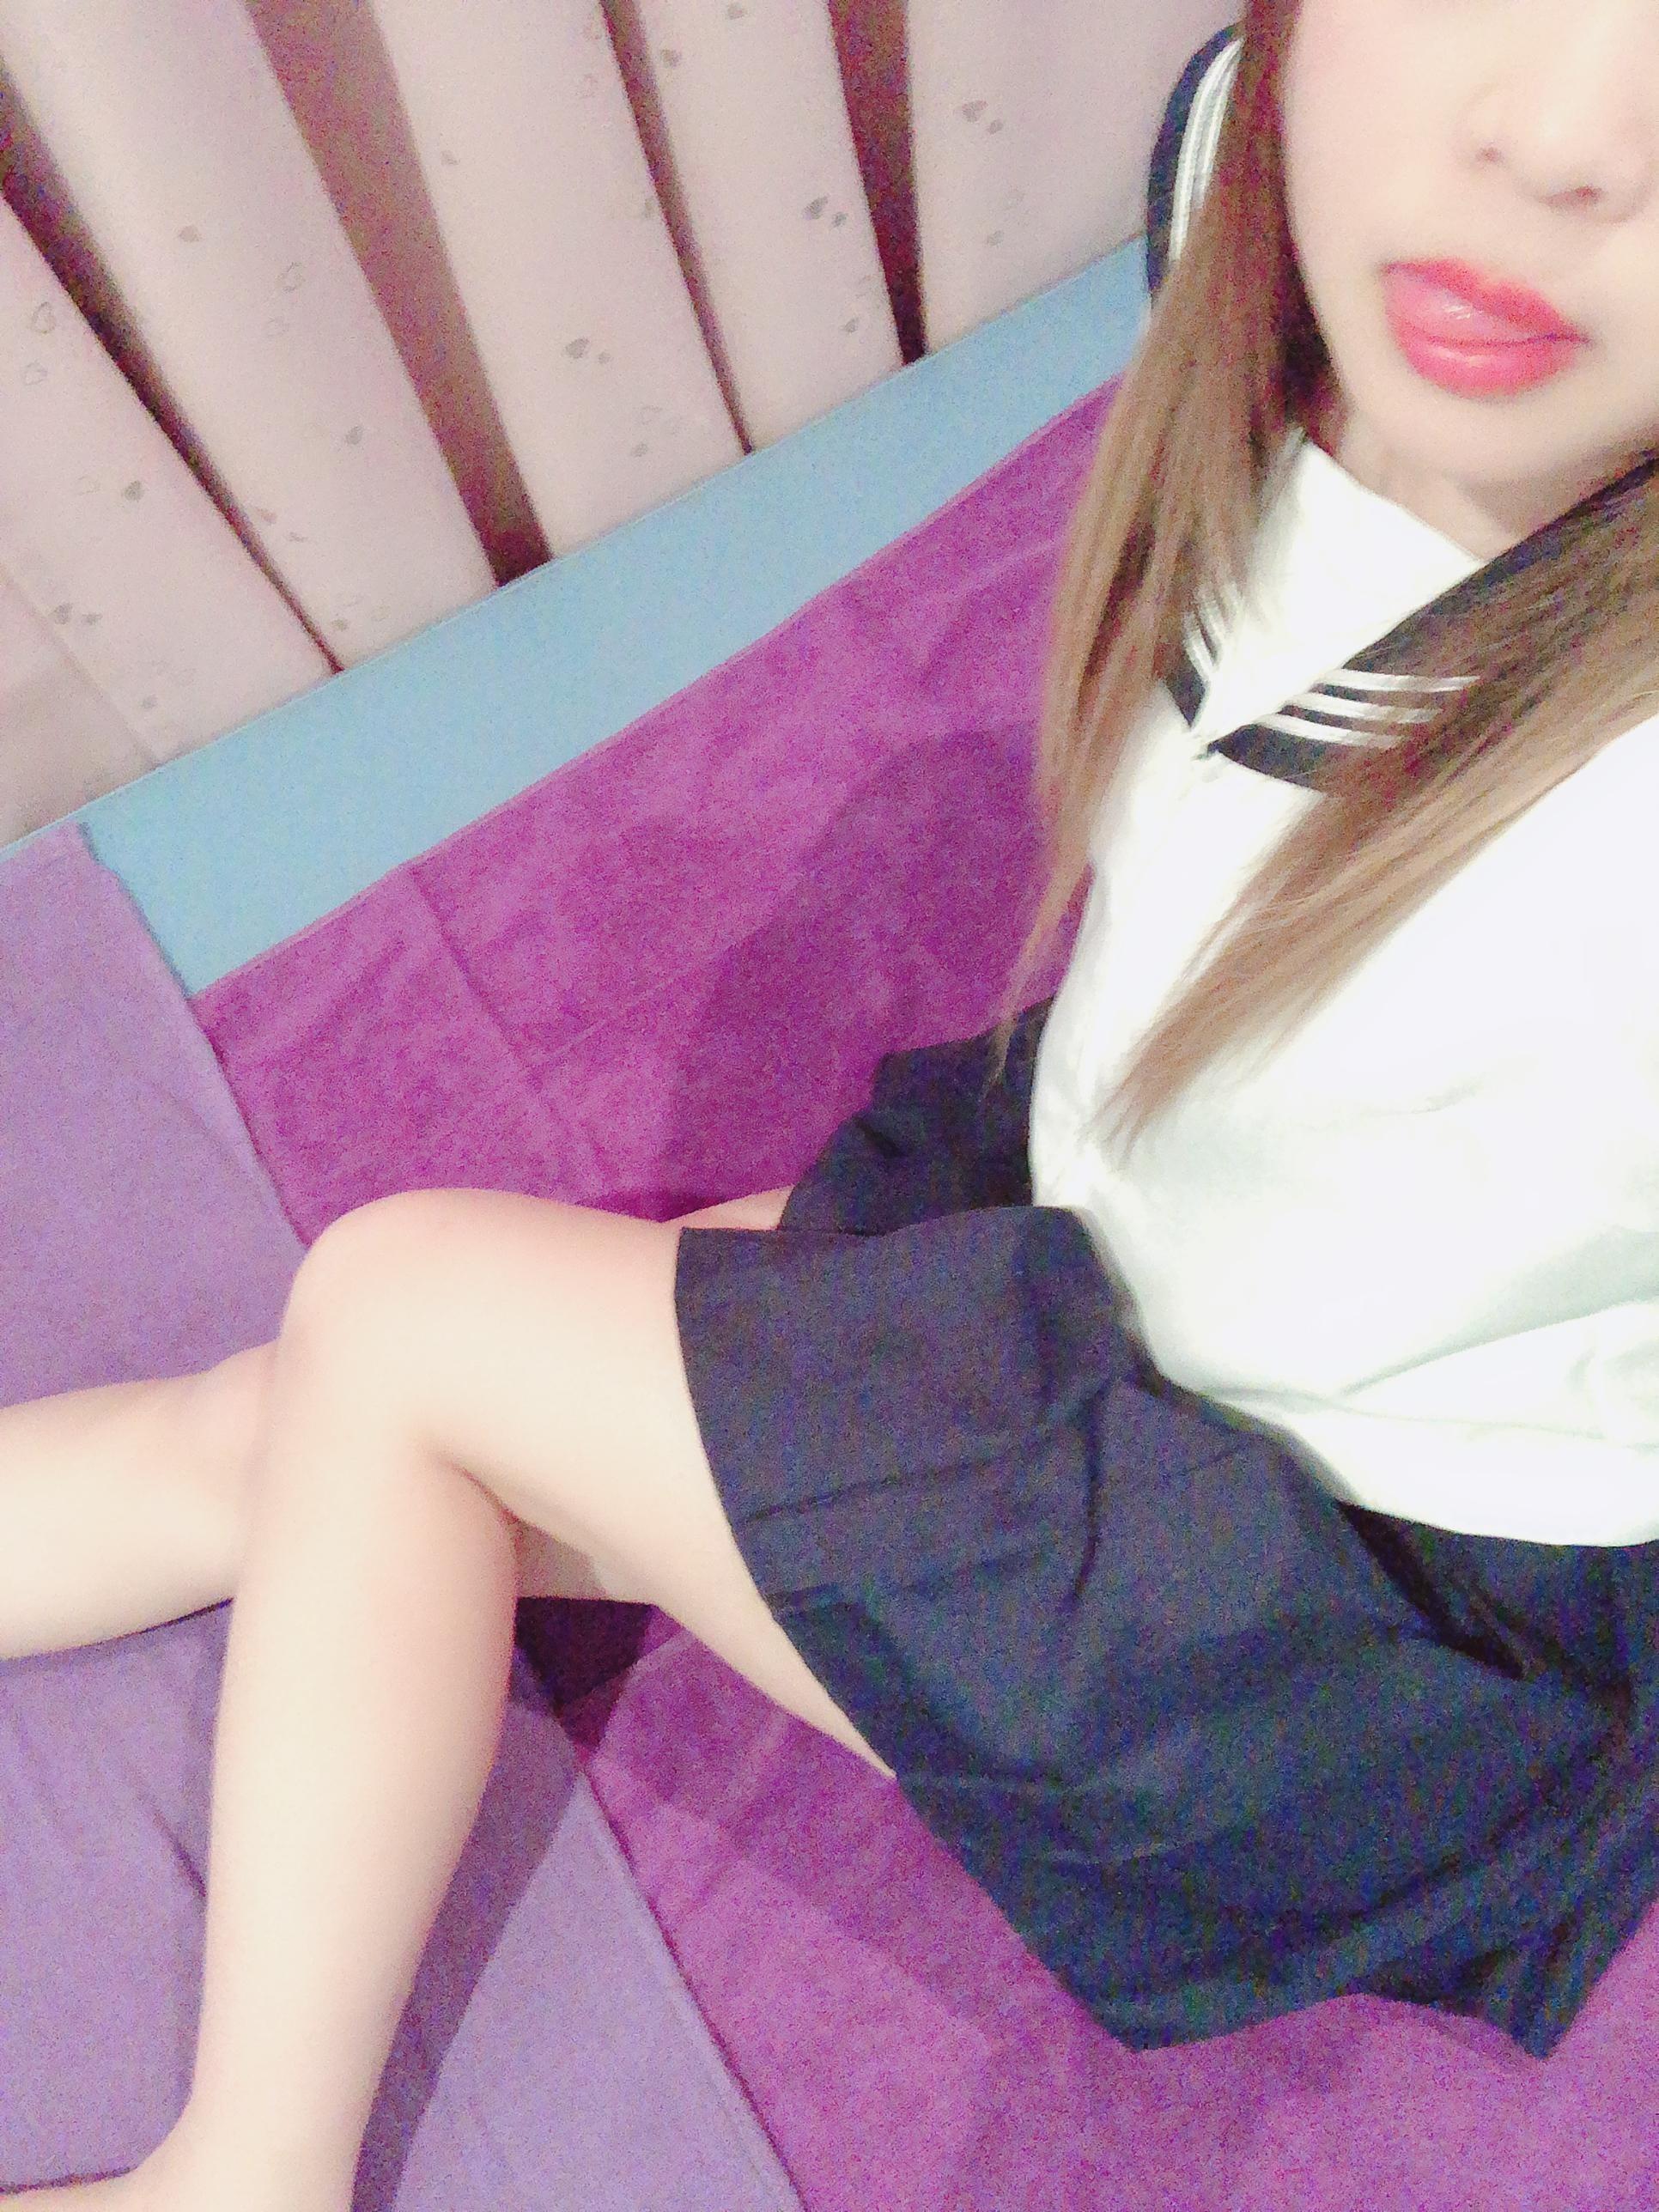 「こんばんわ!」12/17(月) 17:48   ゆらの写メ・風俗動画